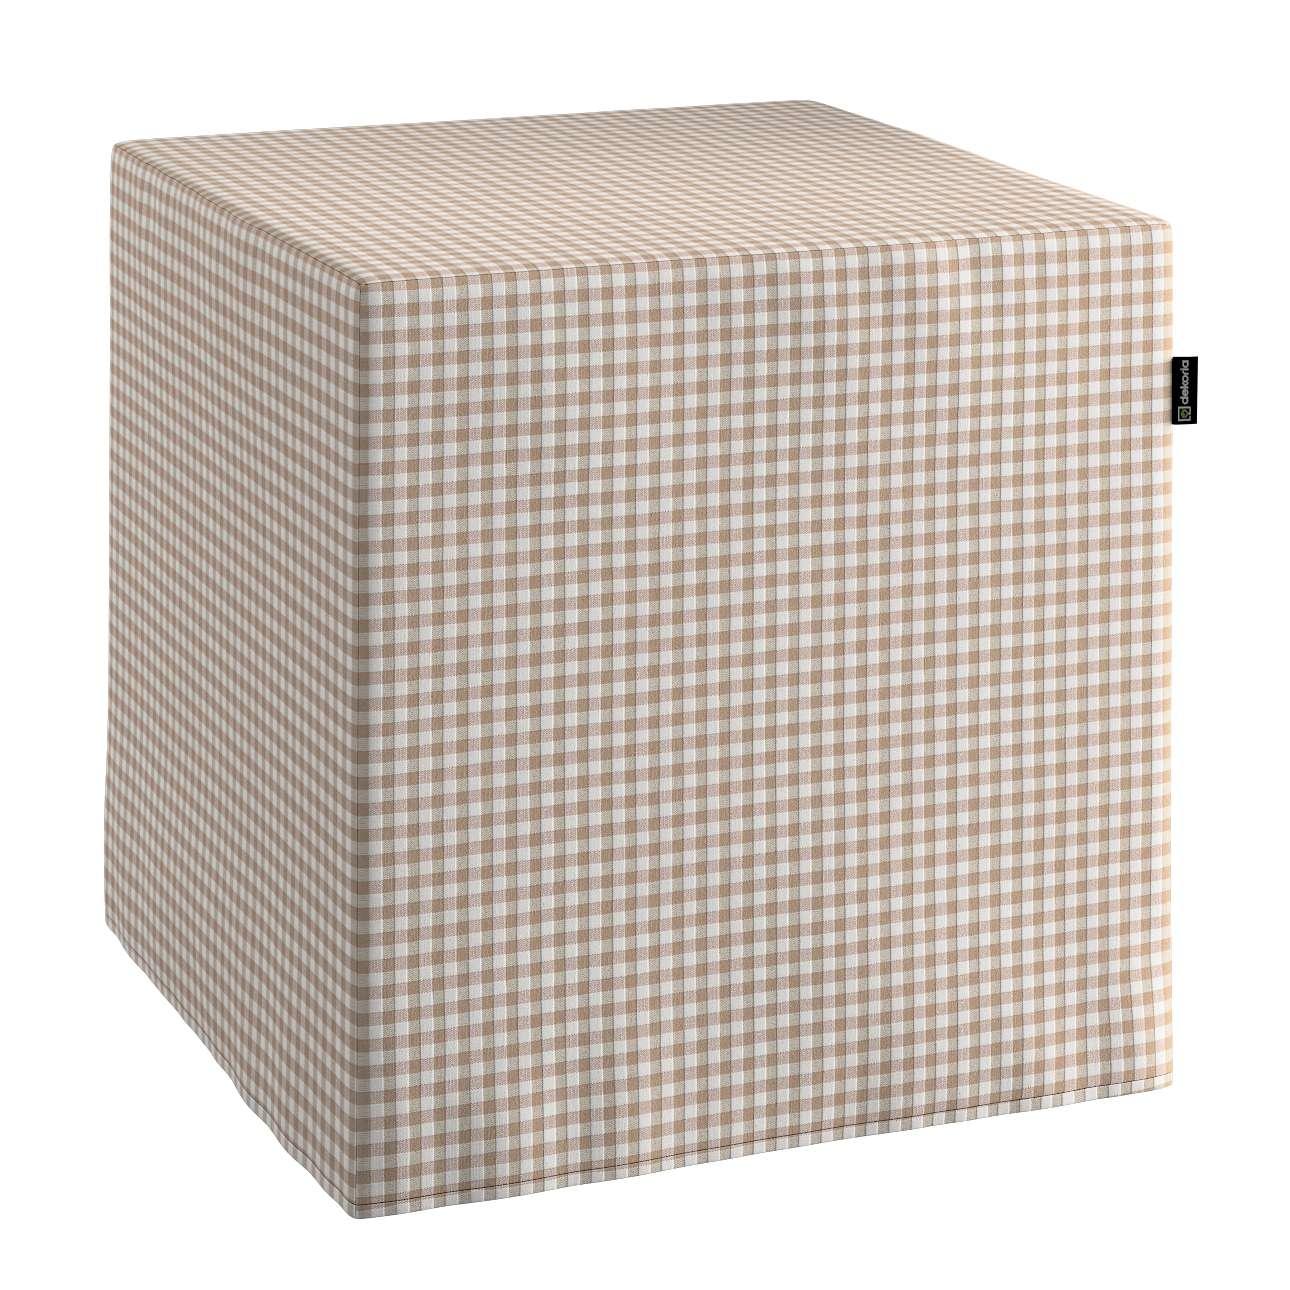 Pufa kostka w kolekcji Quadro, tkanina: 136-05